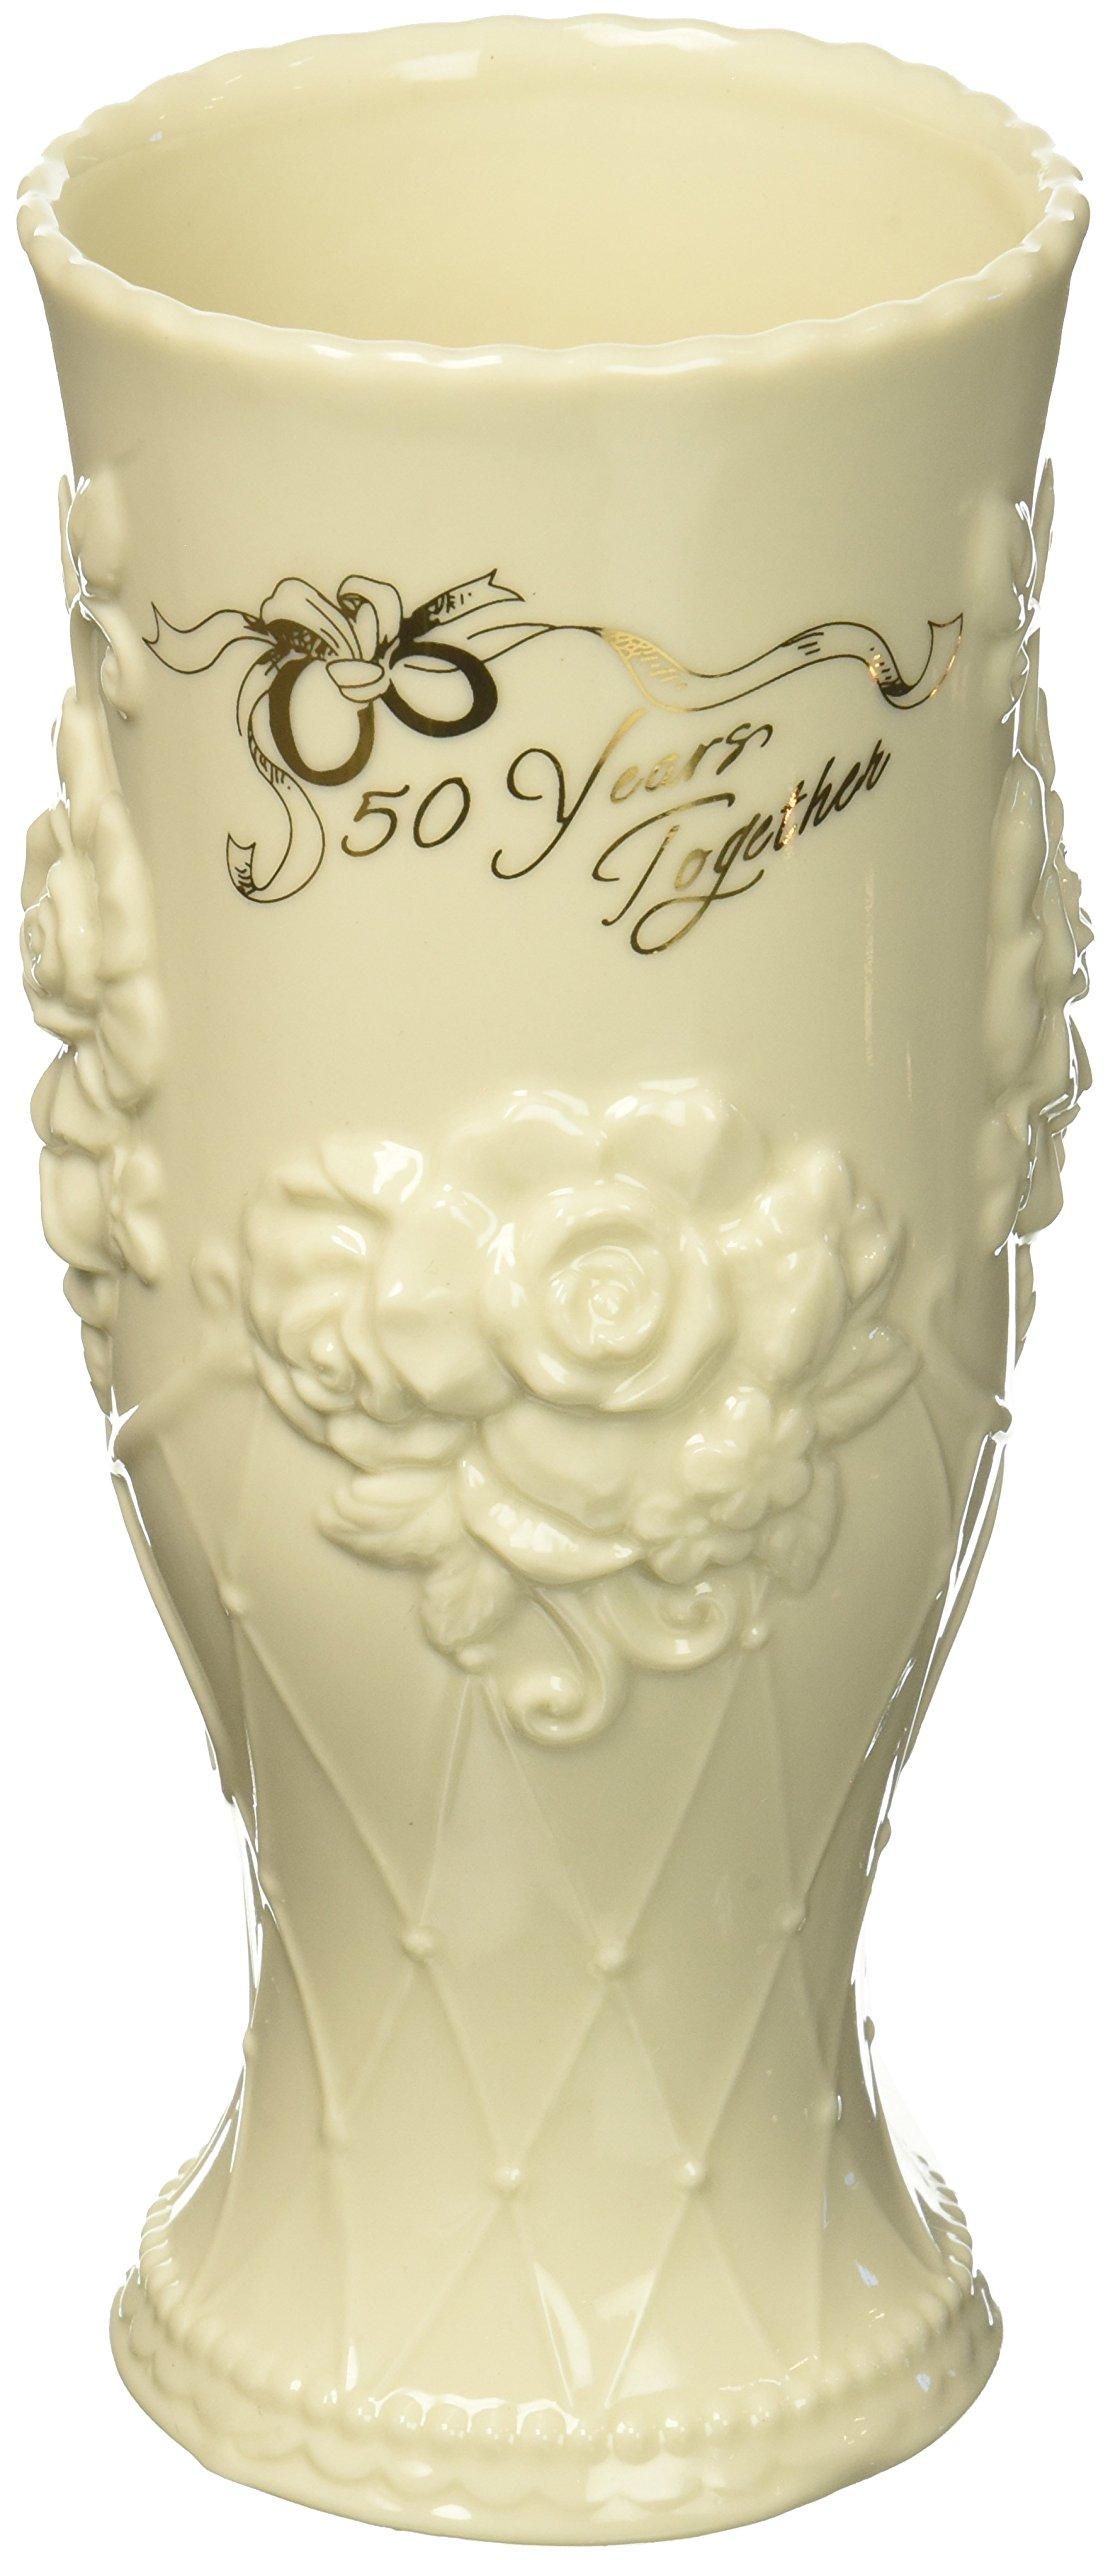 Cosmos 20914 50th Anniversary Ceramic Vase, 7'' High